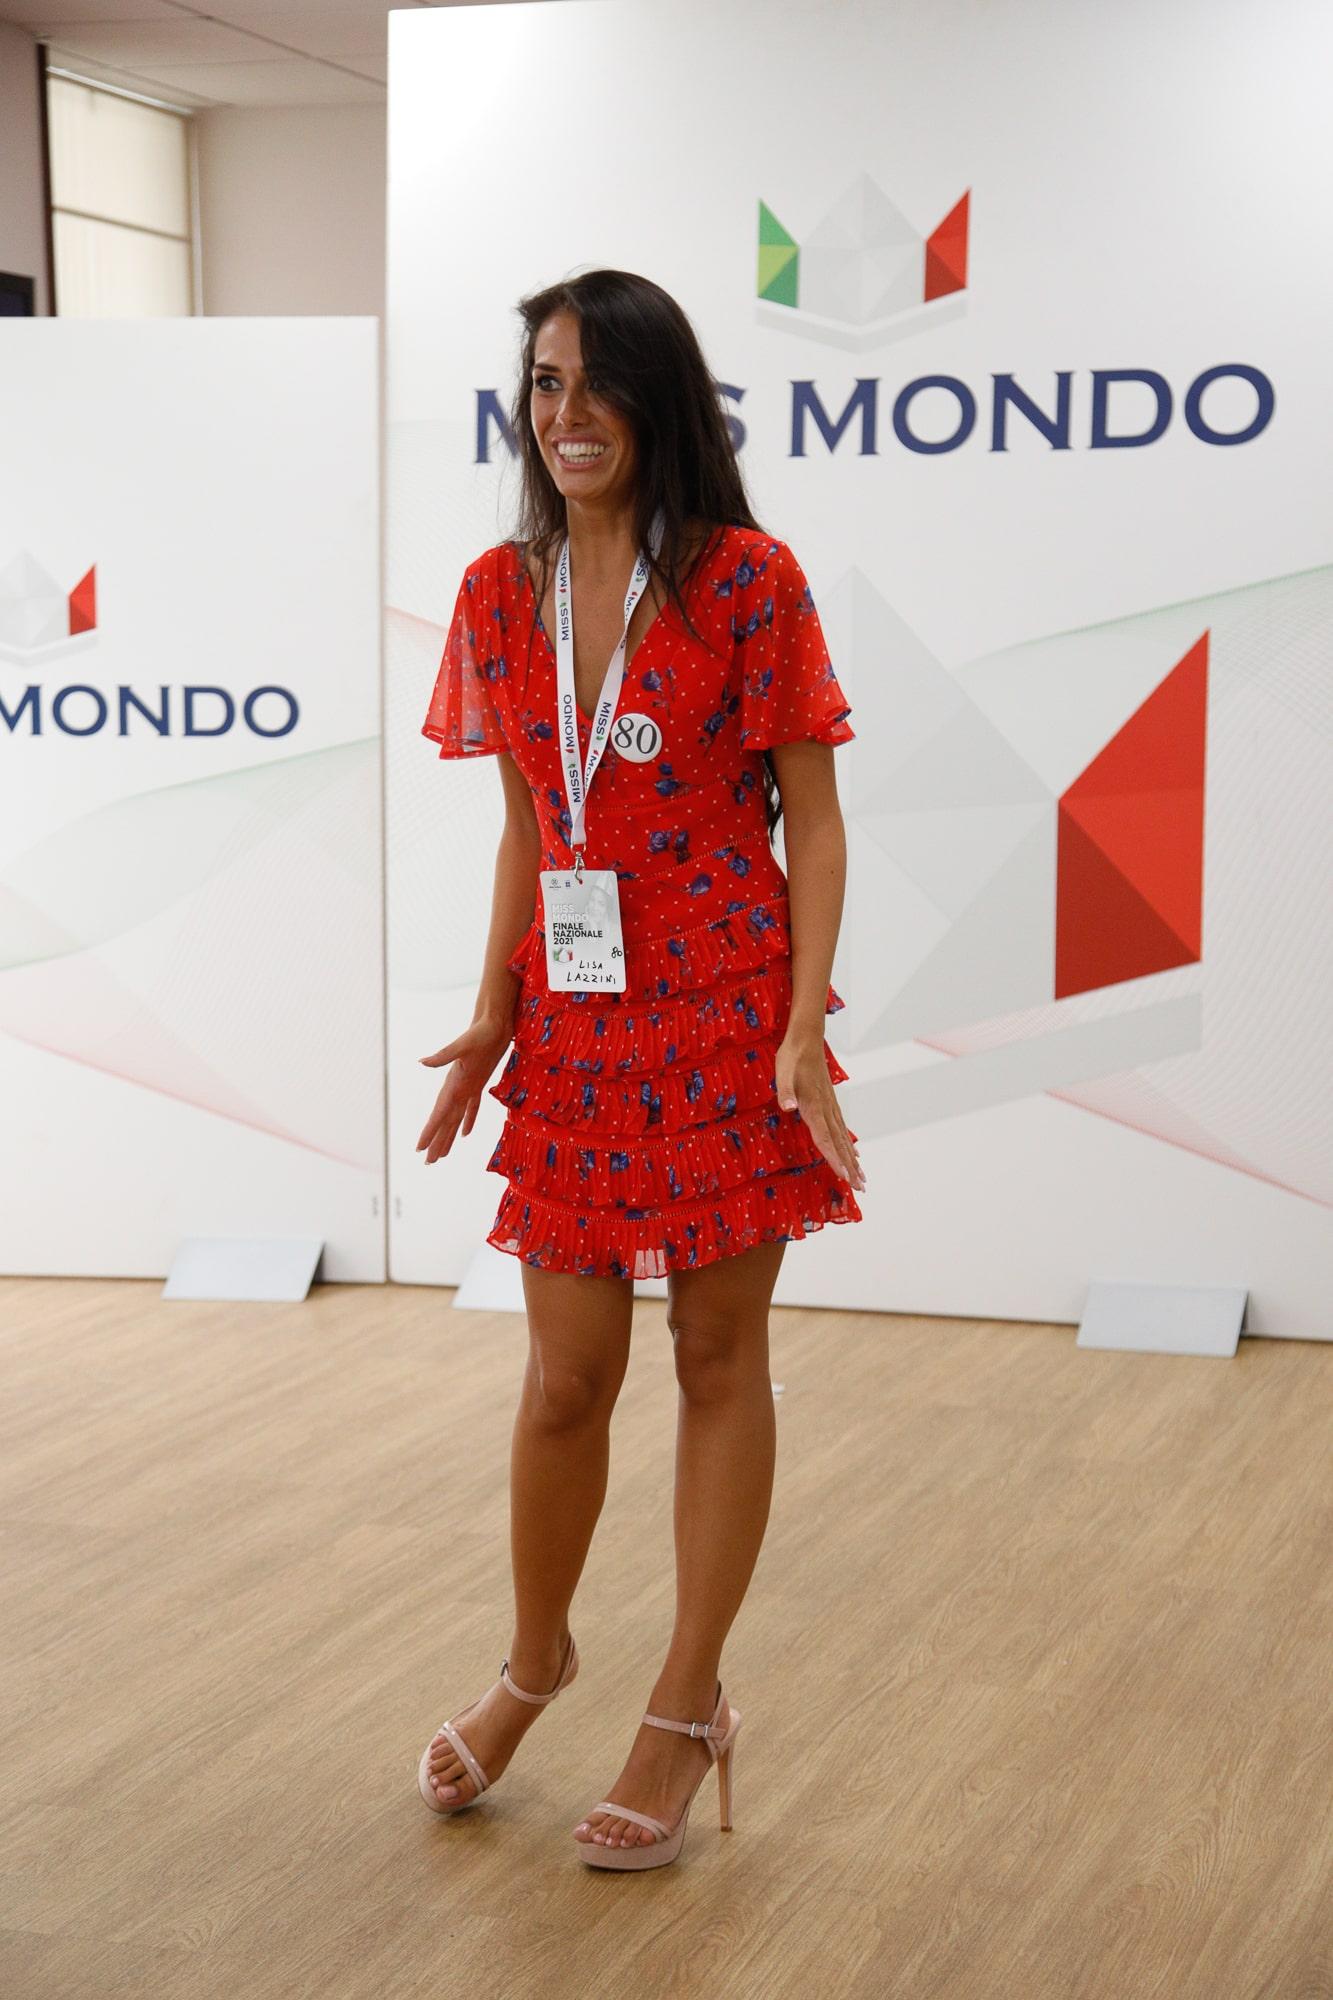 Finale nazione Miss Mondo Italia 2021 Audizione Talent 3 - 1